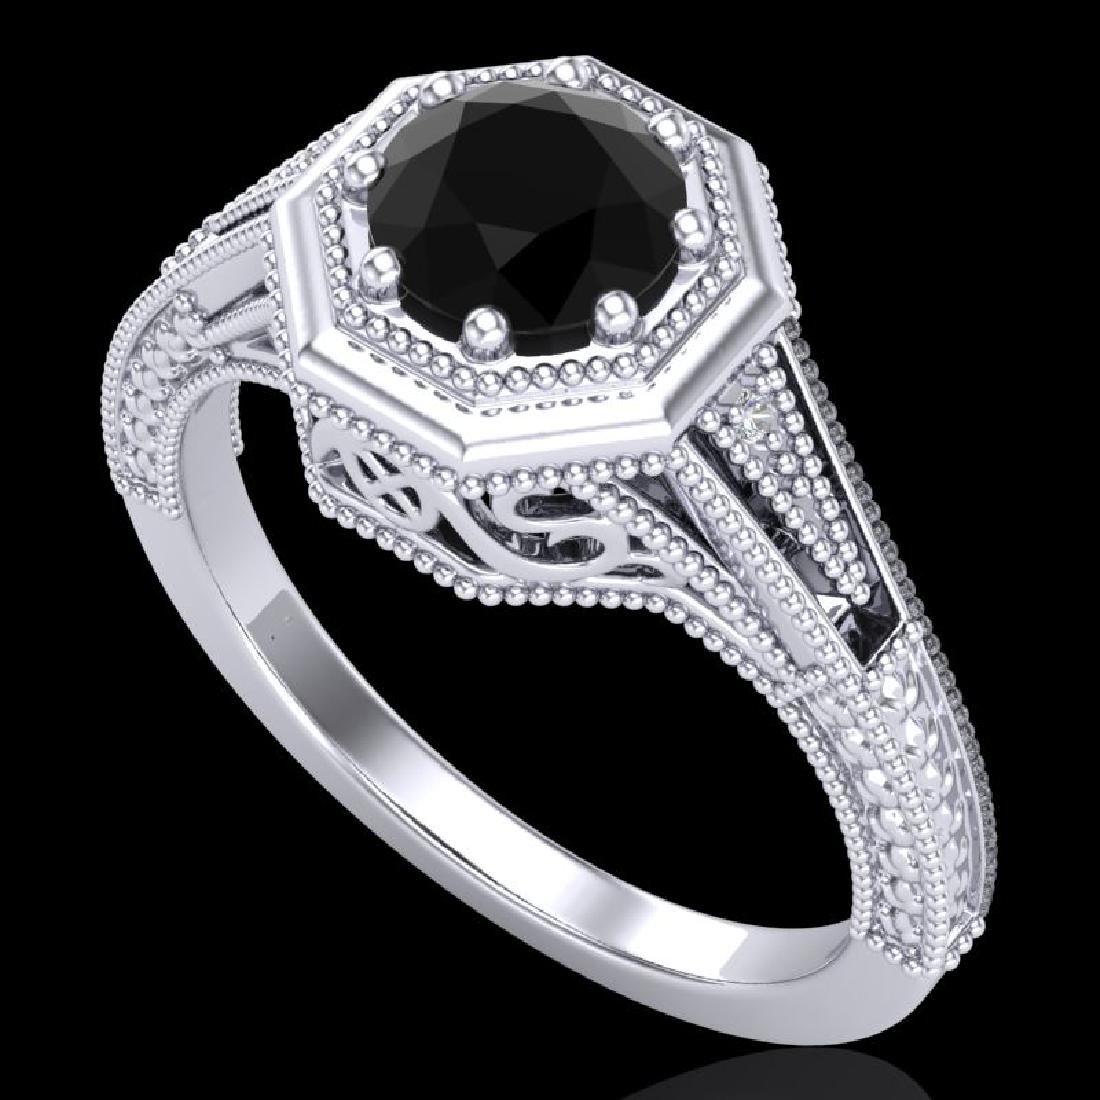 0.84 CTW Fancy Black Diamond Solitaire Engagement Art